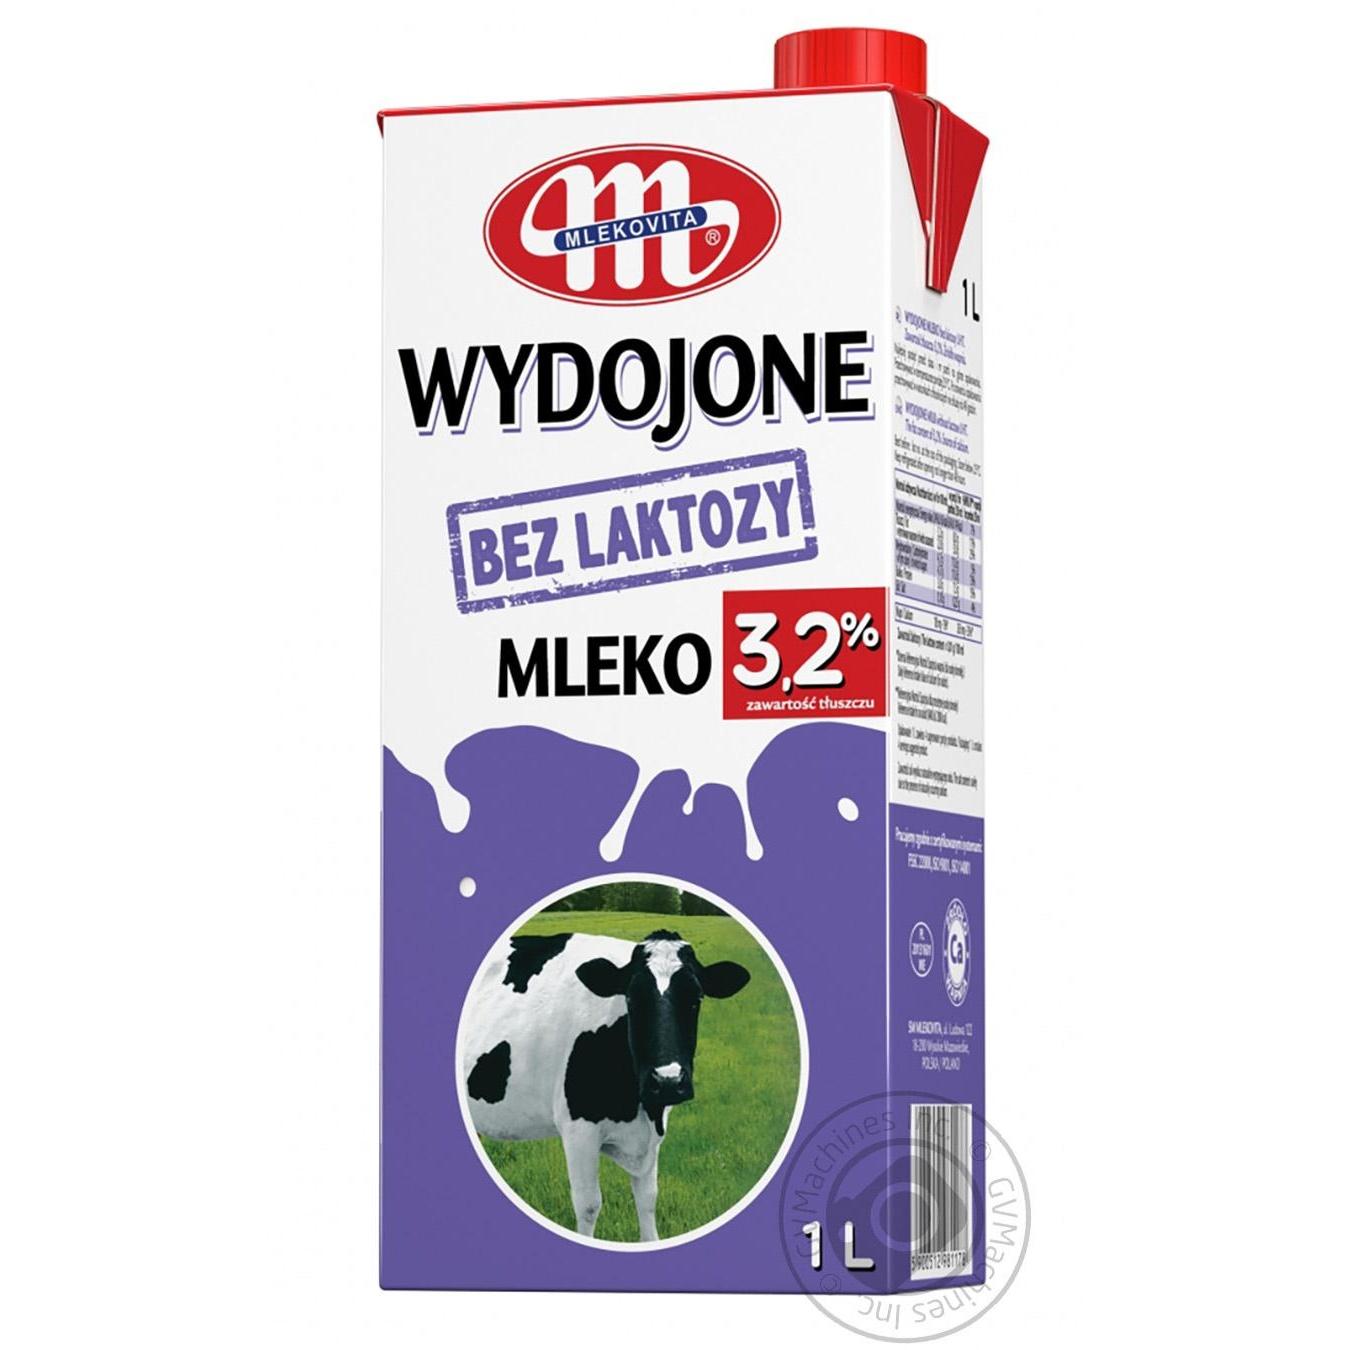 Купить Молоко Mlekovita безлактозное 3, 2% 1000мл